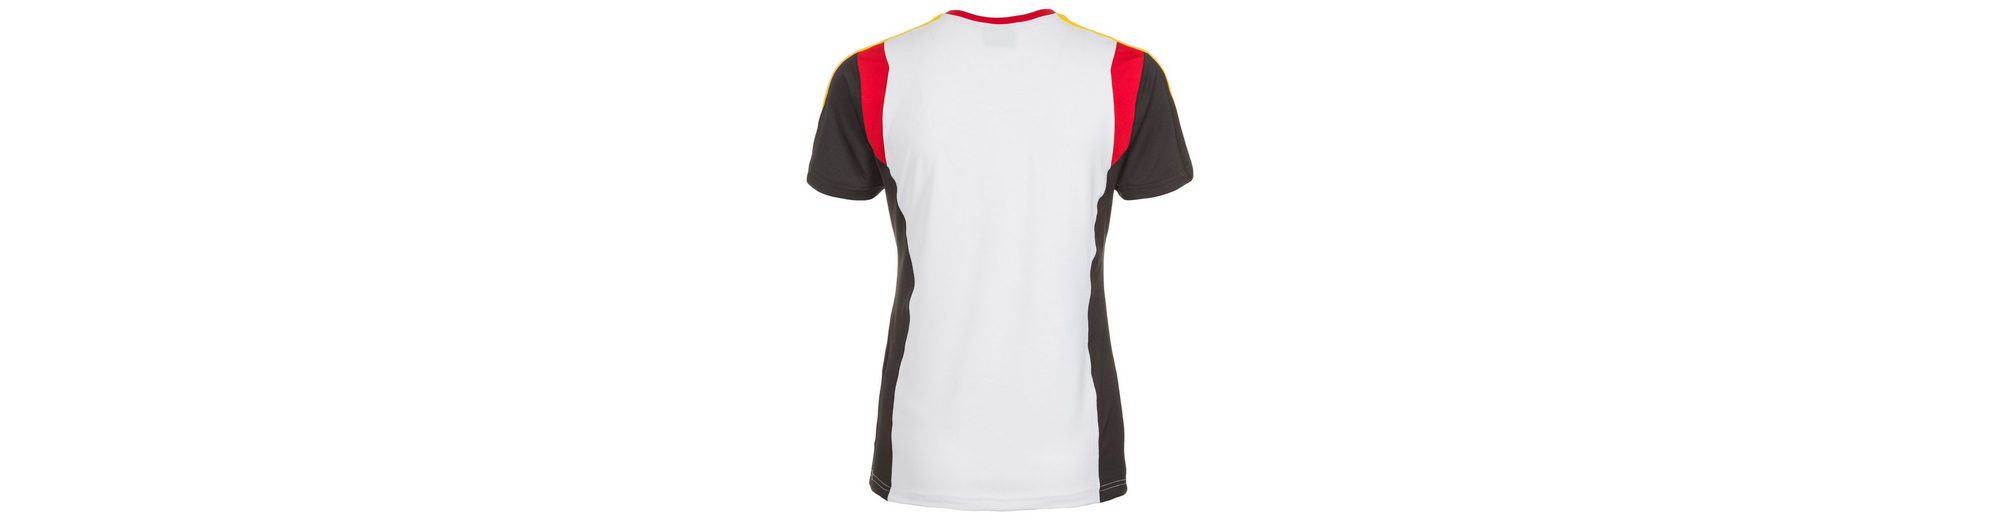 ERIMA Premium One T-Shirt Damen Billig 2018 Neu Billig Verkauf Niedrig Versandkosten Äußerst GZ3JQpRO